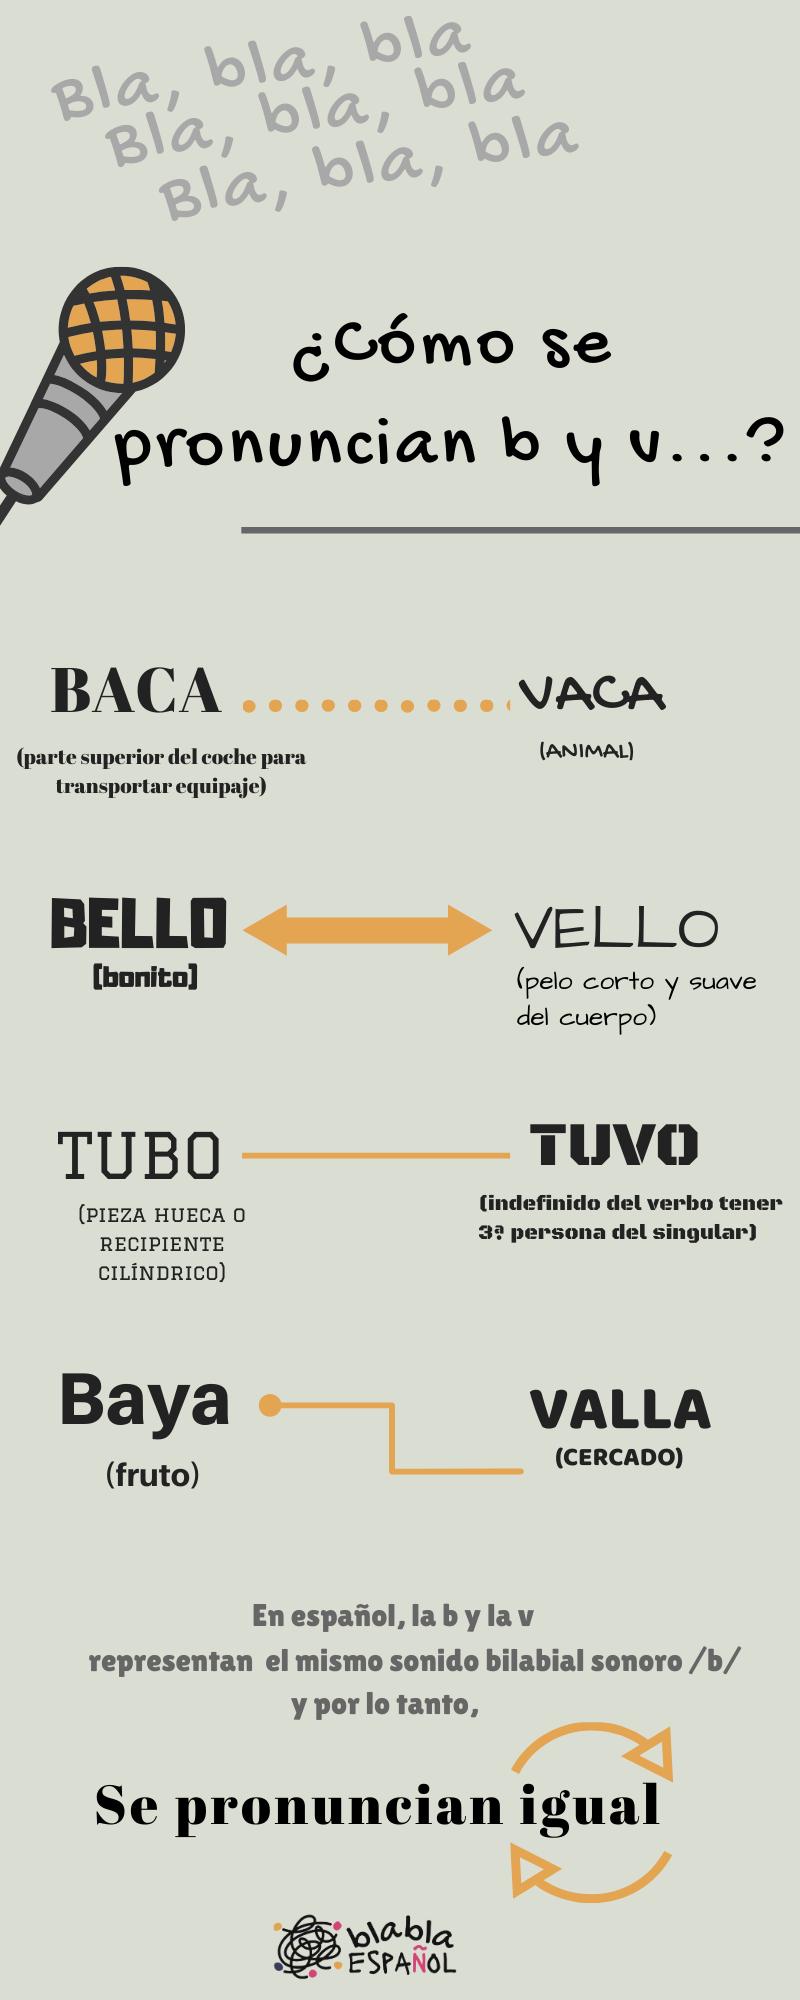 Infografía cómo se pronuncian b y v